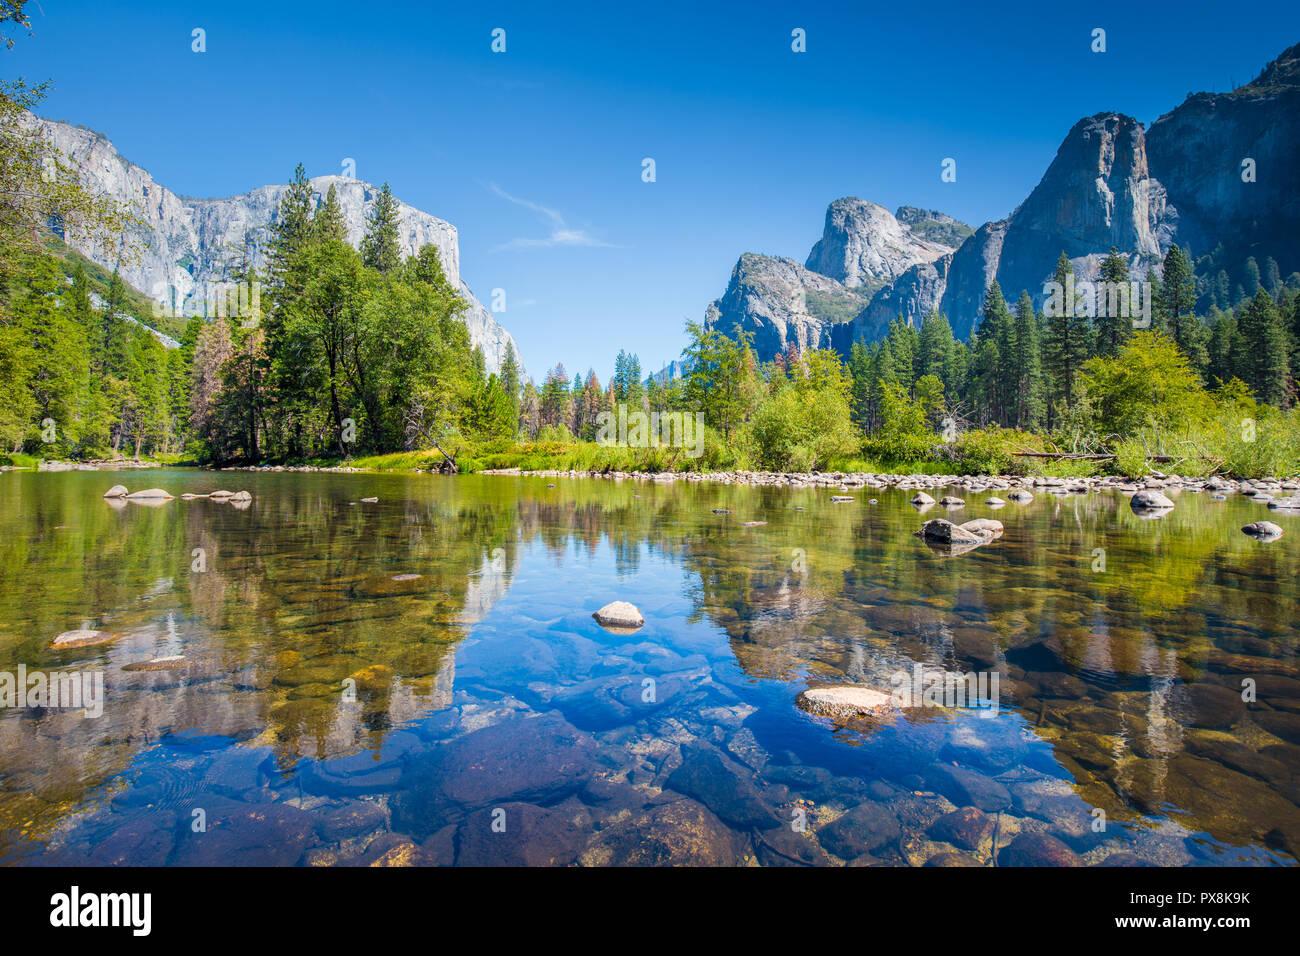 L'affichage classique de la vallée de Yosemite avec El Capitan célèbre sommet mondial de l'escalade et la rivière Merced idyllique sur une journée ensoleillée avec ciel bleu et nuages Photo Stock